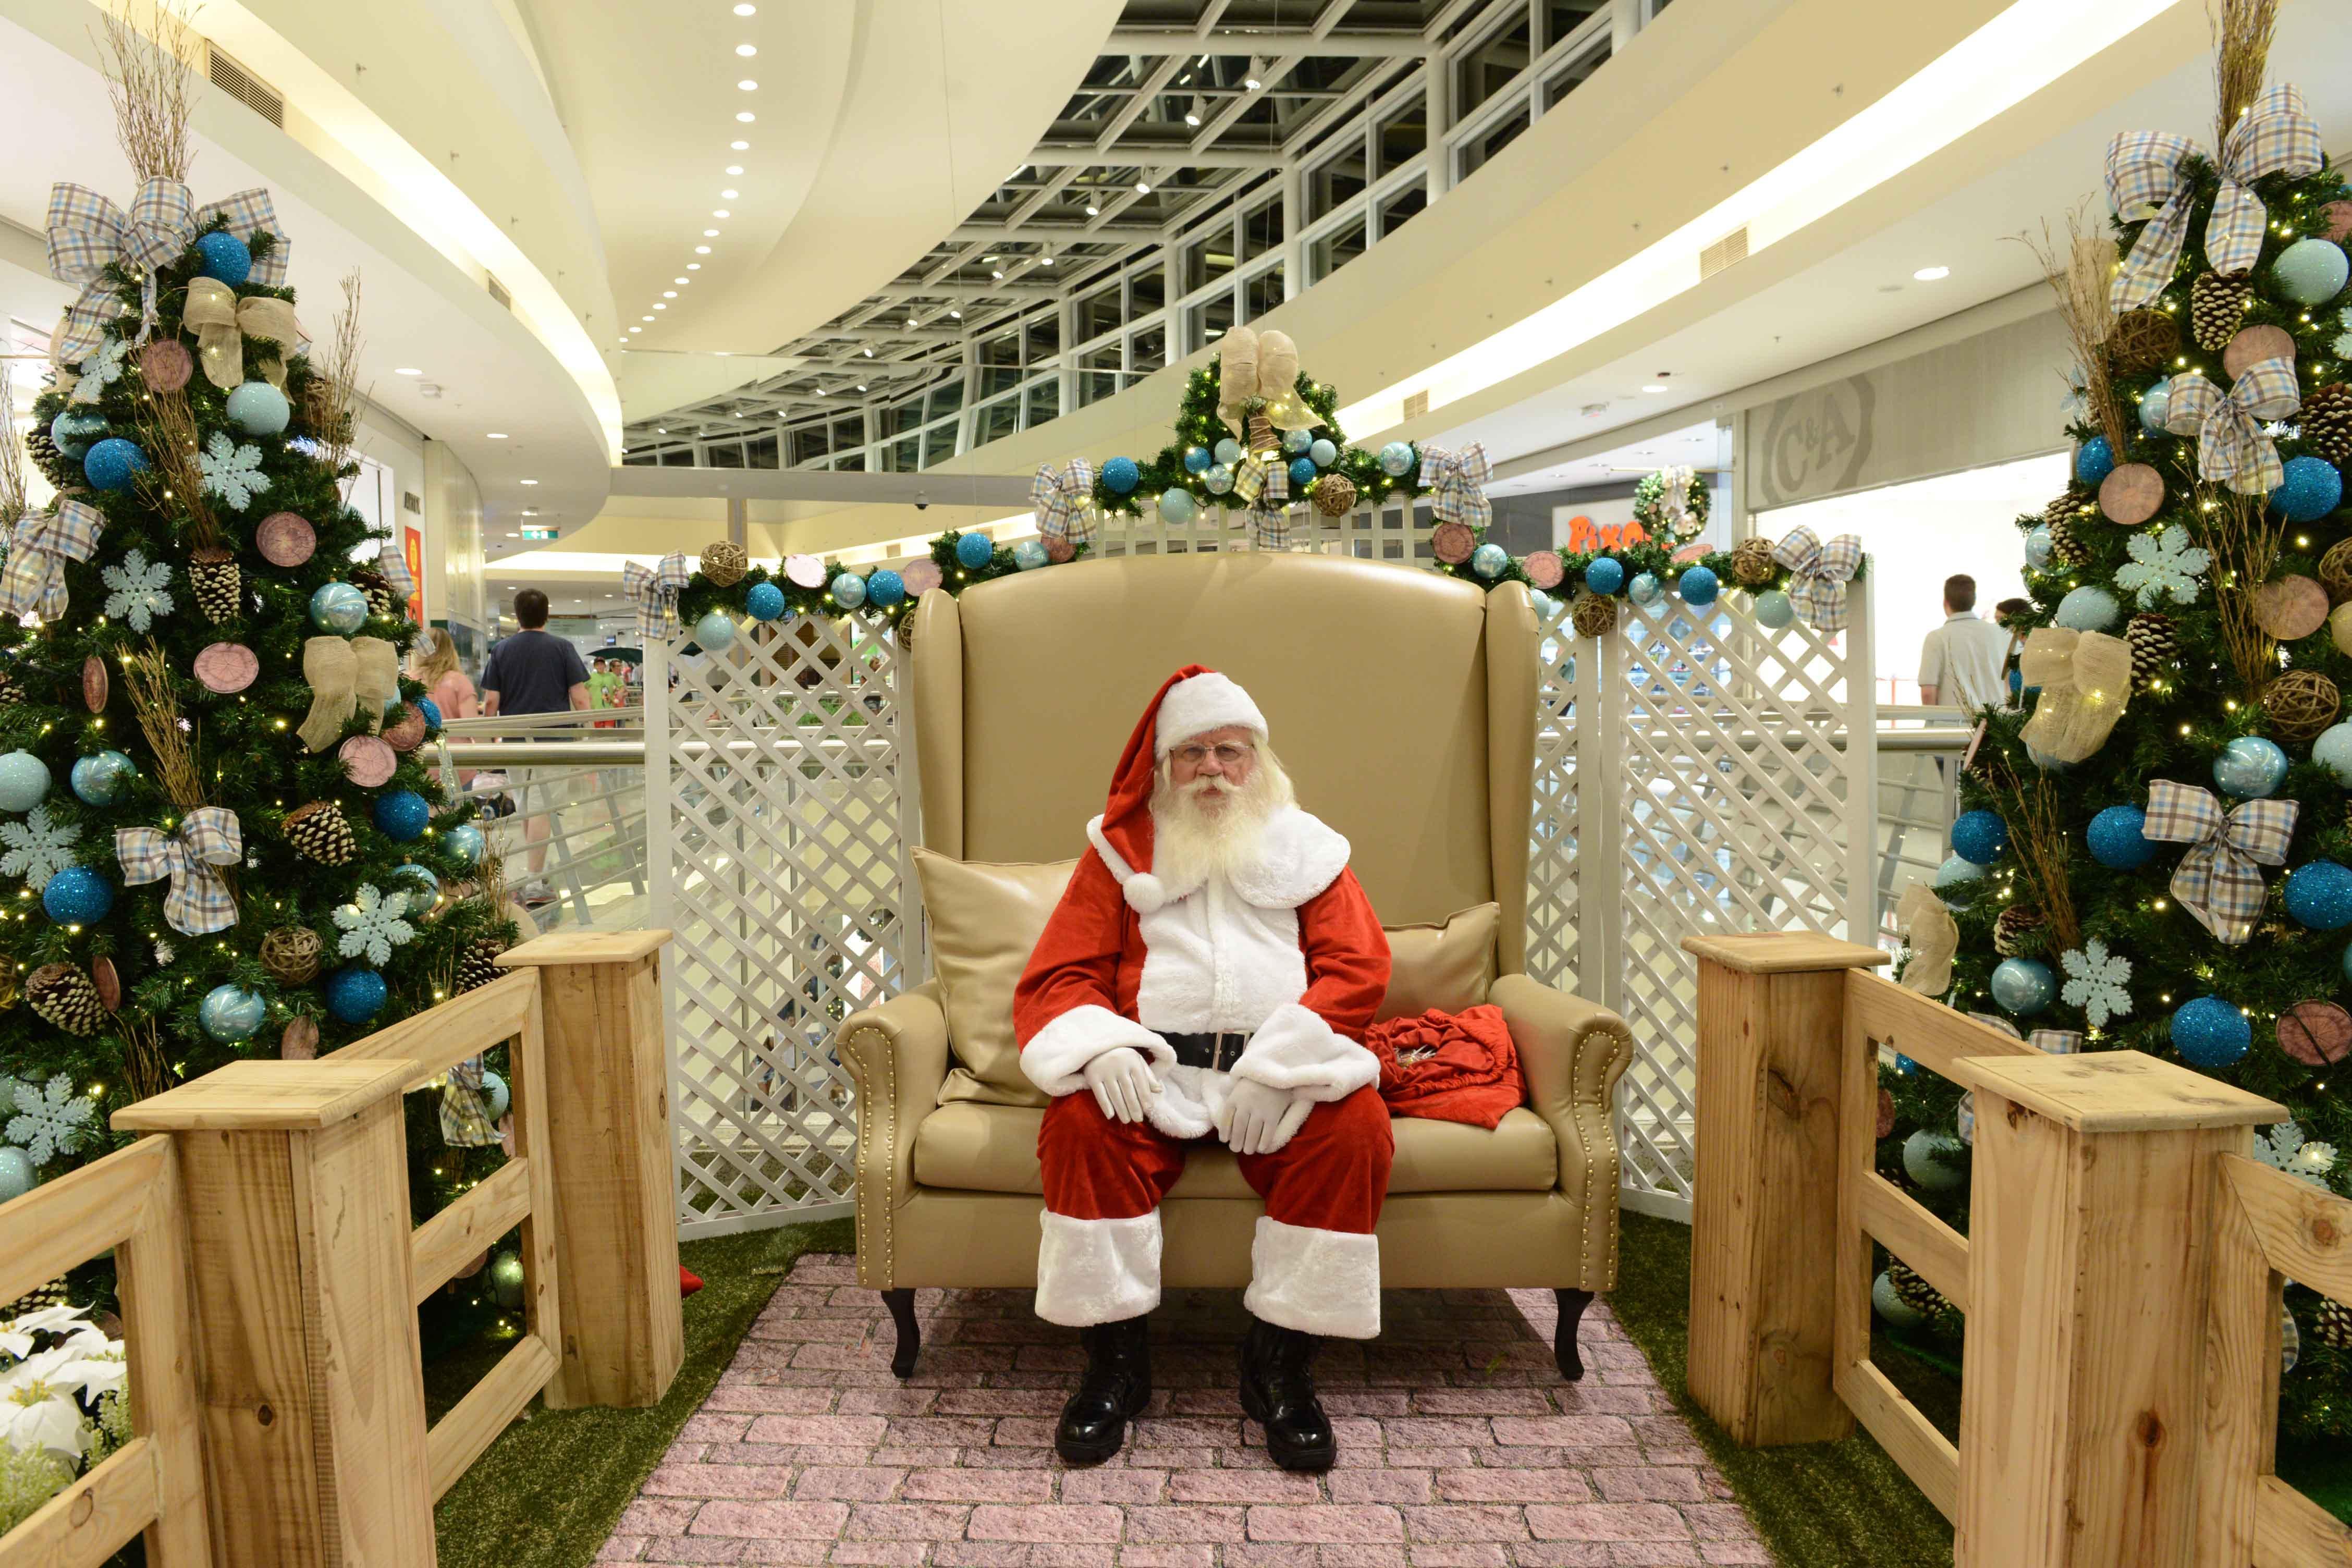 A Rena Mais Famosa Do Papai Noel litoral centro - comunicaÇÃo e imagem : papai noel ou são